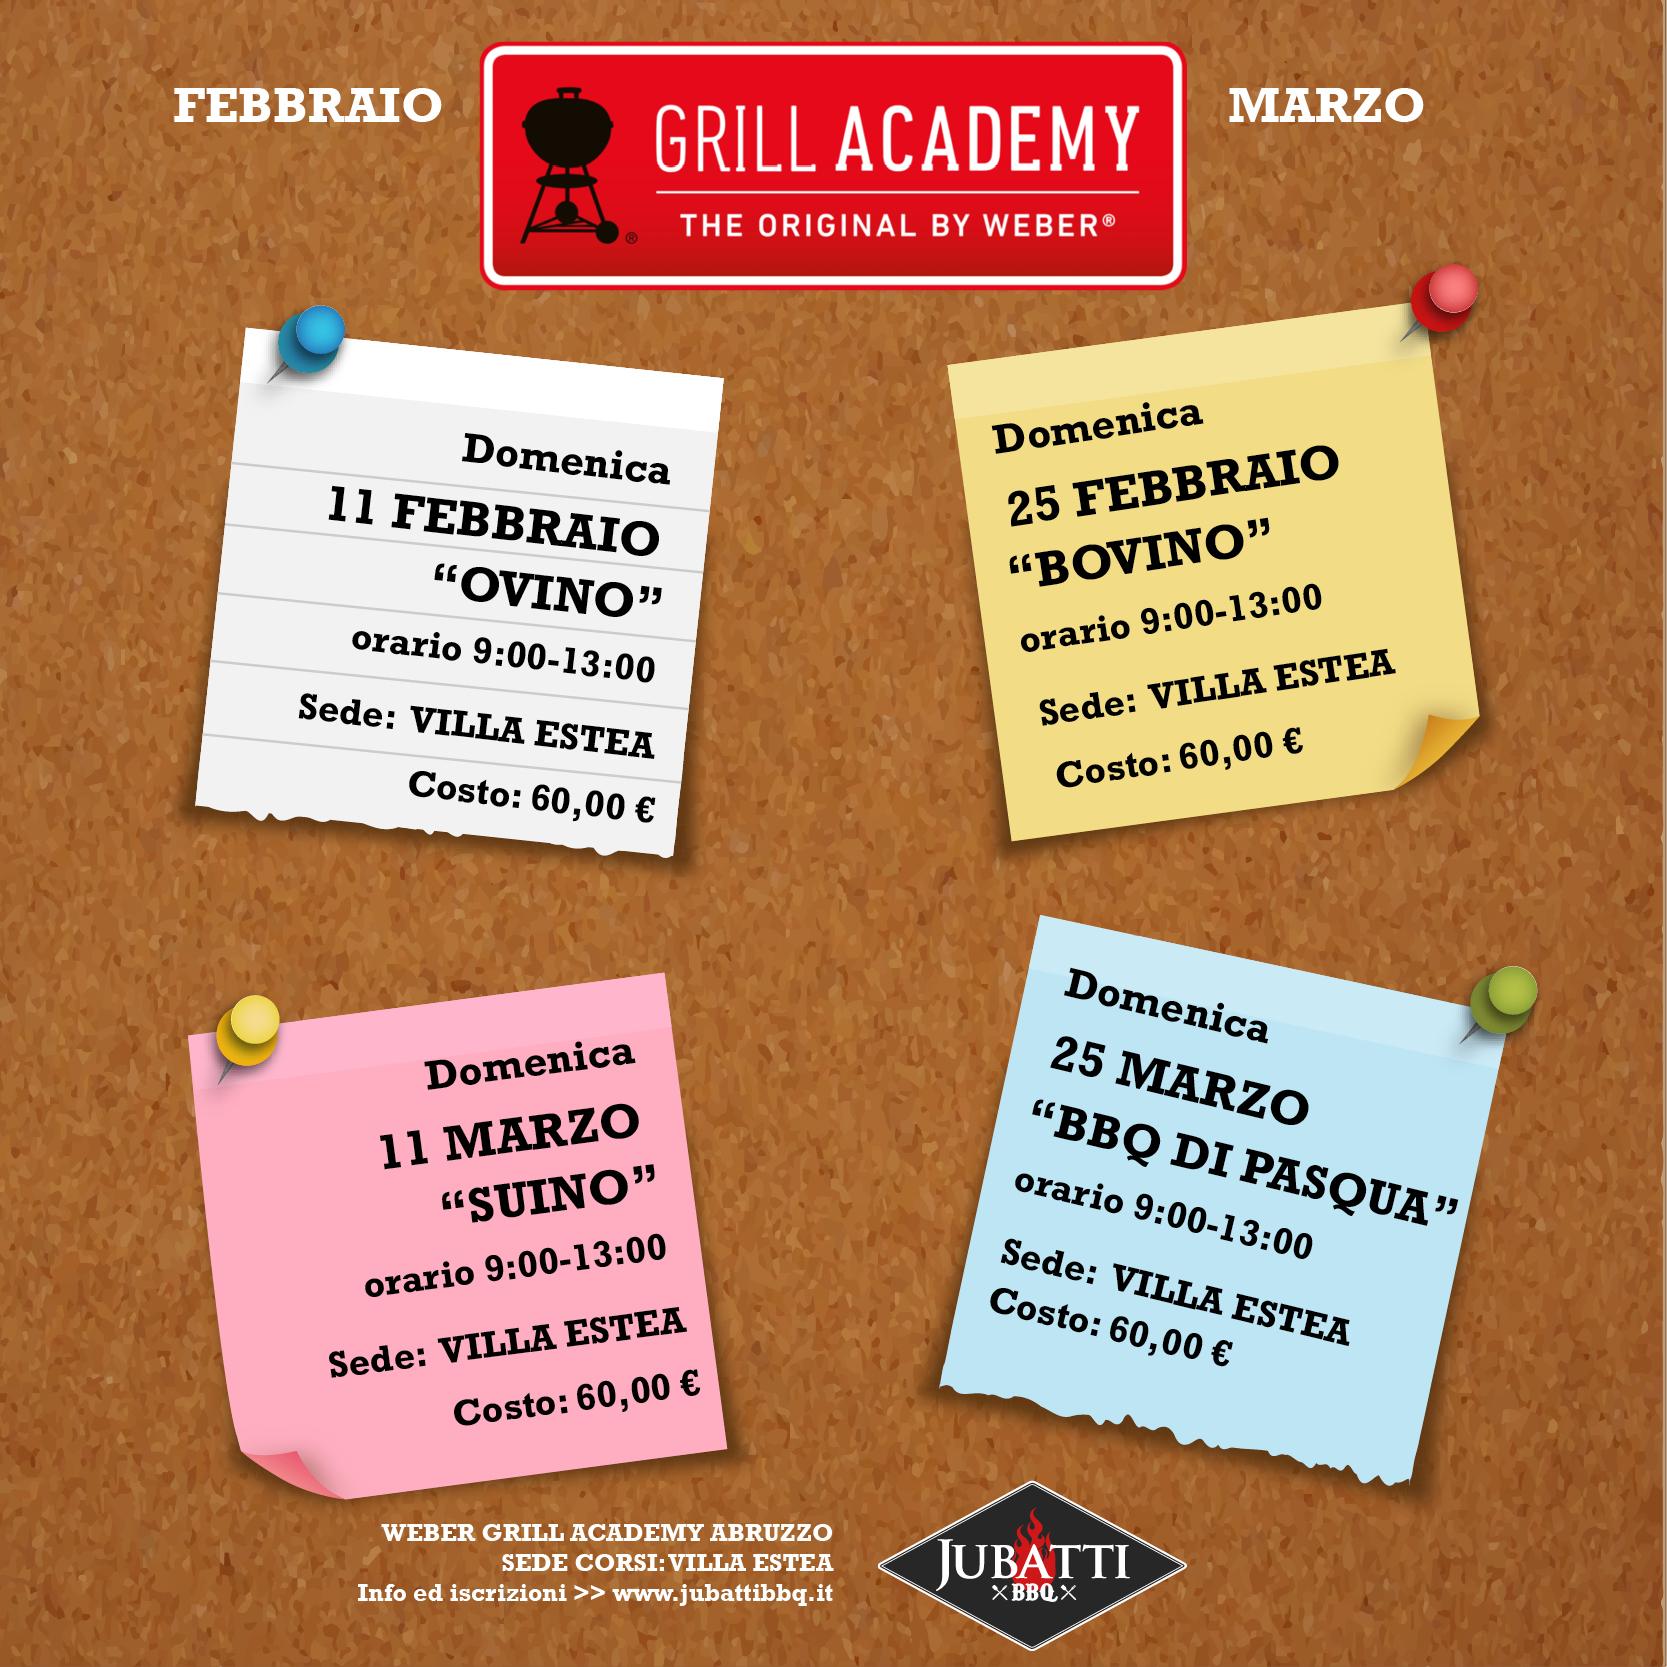 Calendario Corsi.Calendario Corsi Barbecue Weber Grill Academy Abruzzo